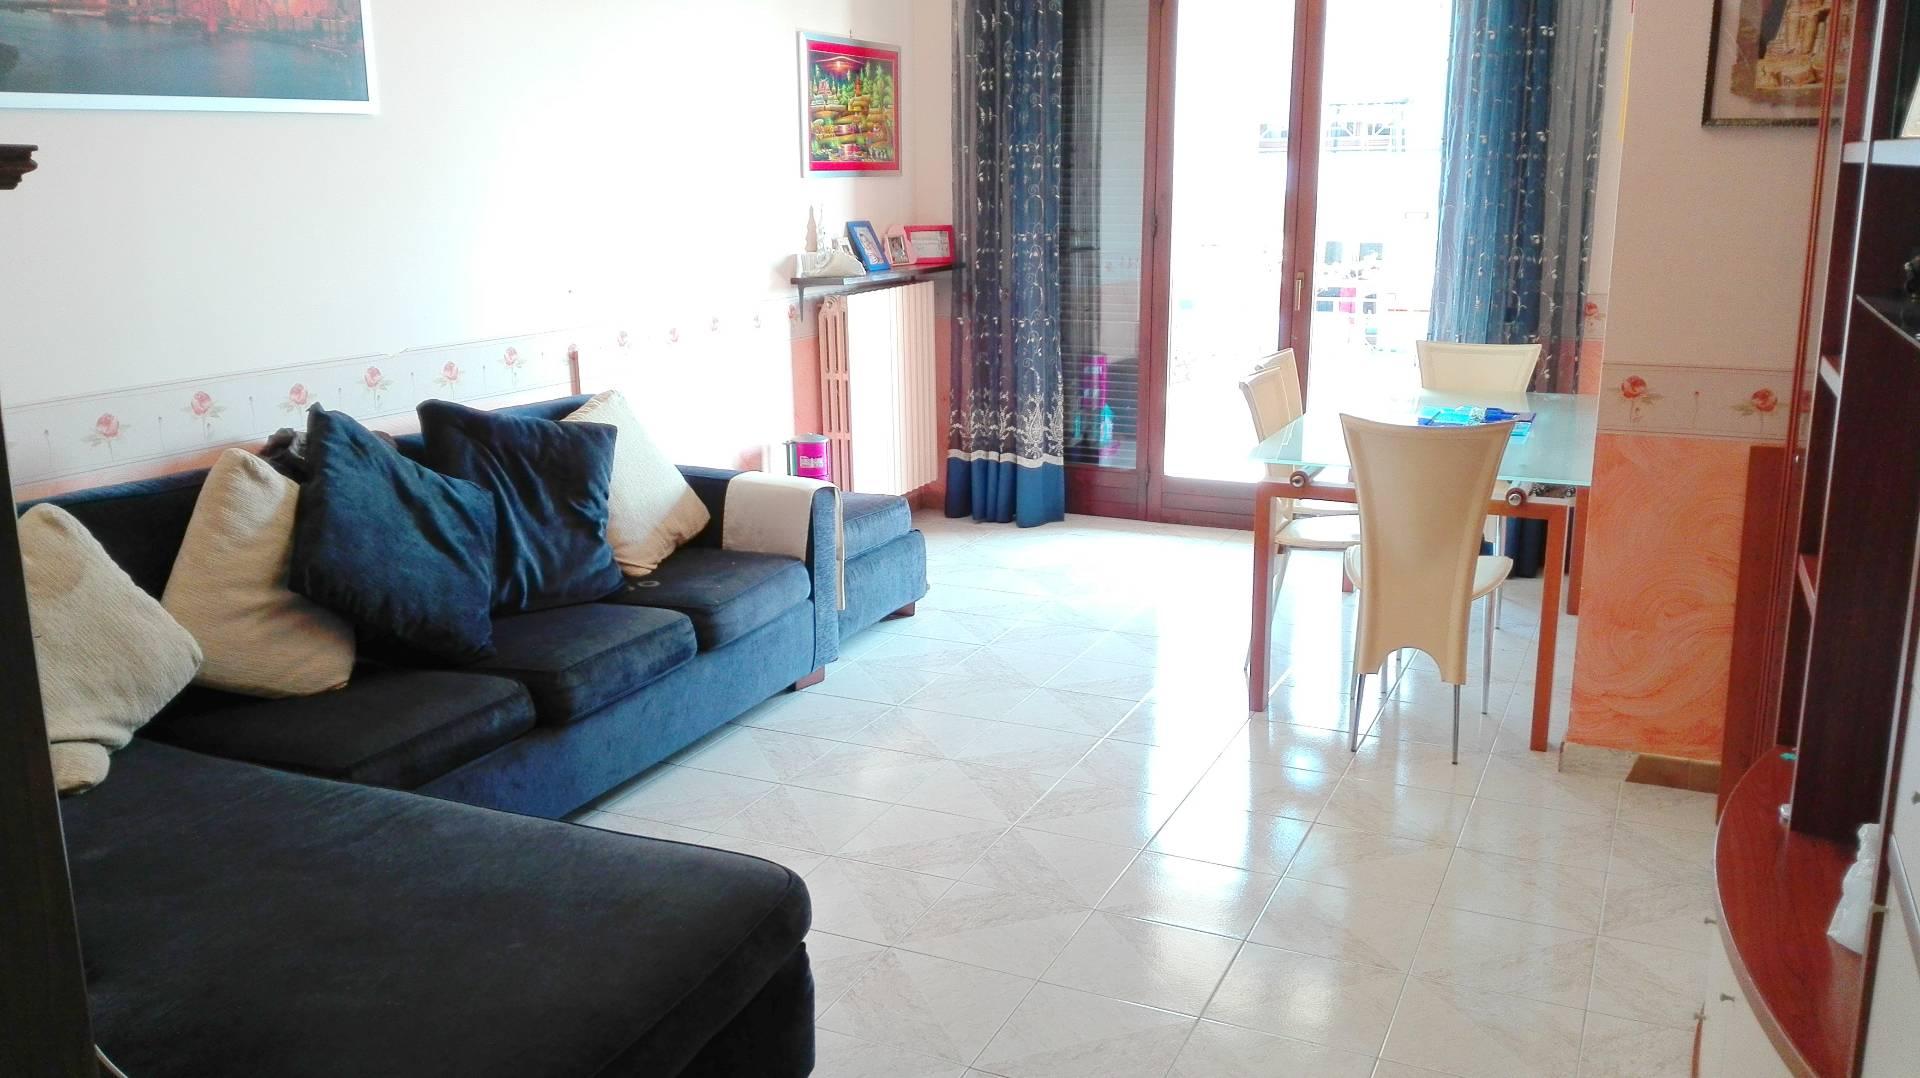 Appartamento in vendita a Viterbo, 4 locali, zona Località: GrotteS.oStefano, prezzo € 115.000 | Cambio Casa.it